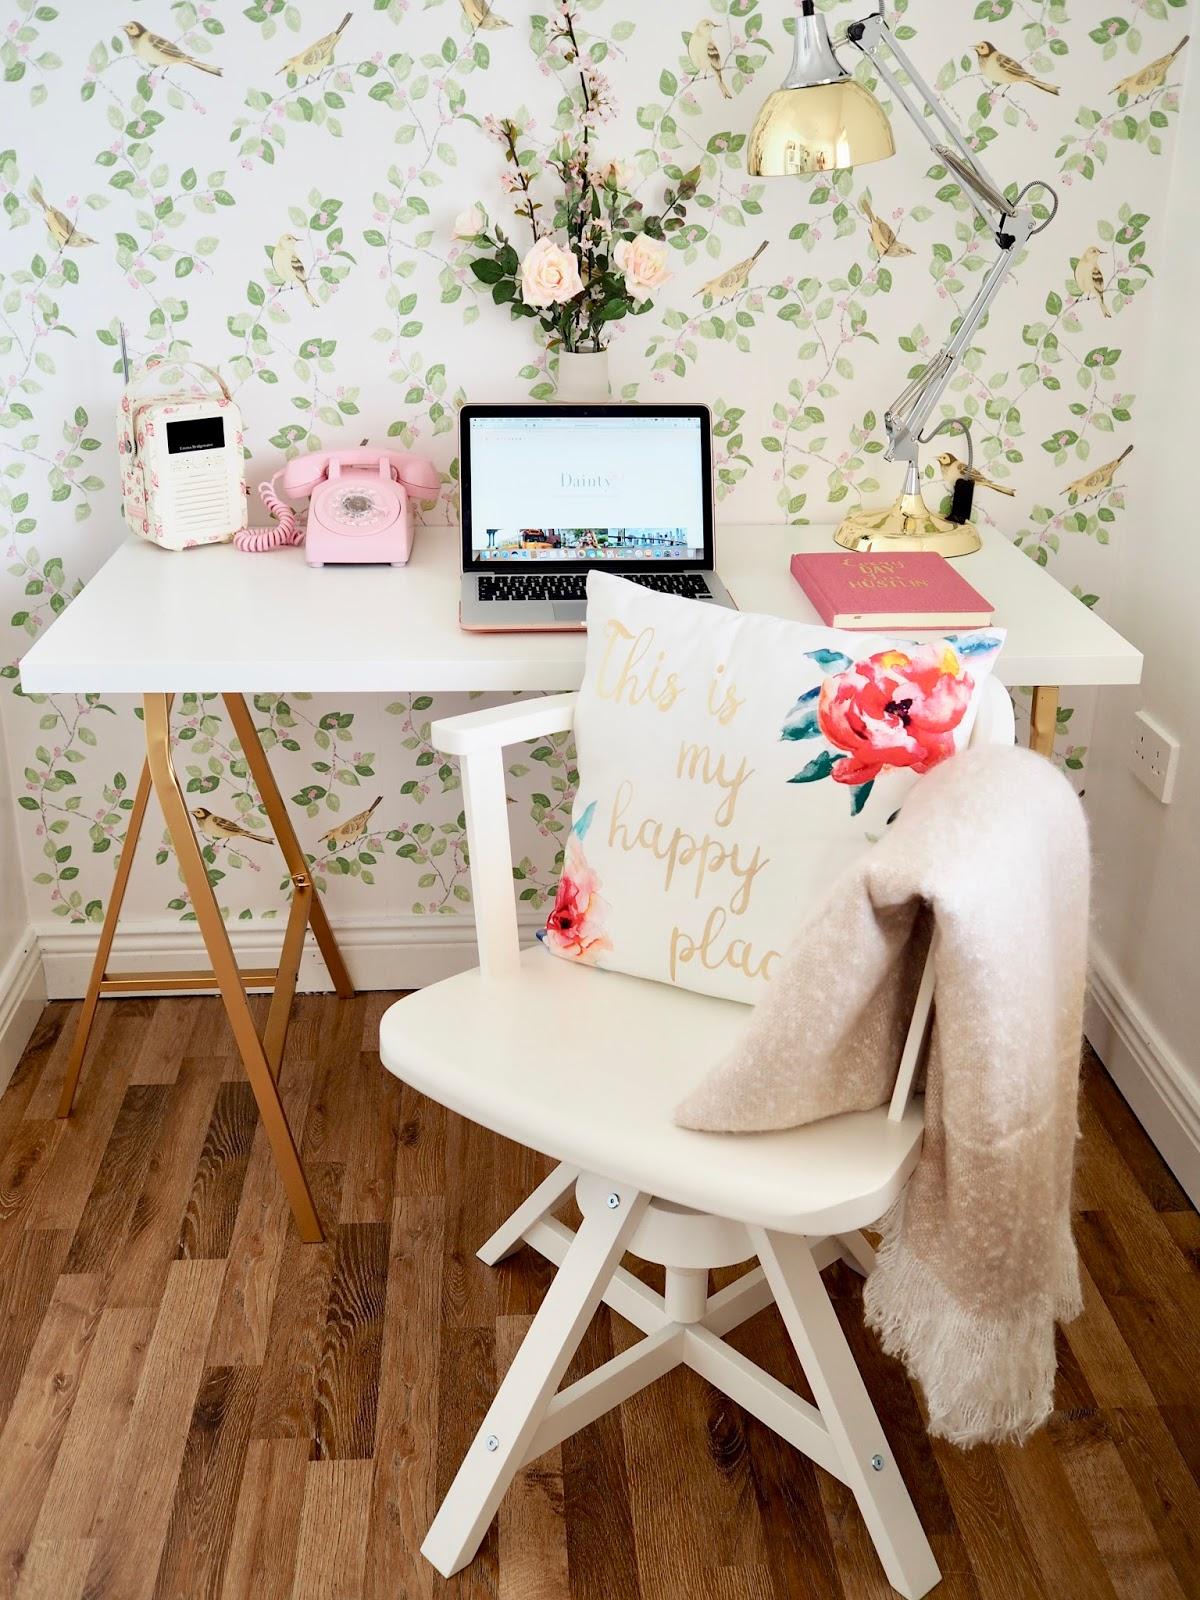 Ikea desk hack, Desk DIY for under €50 - Dainty Dress Diaries